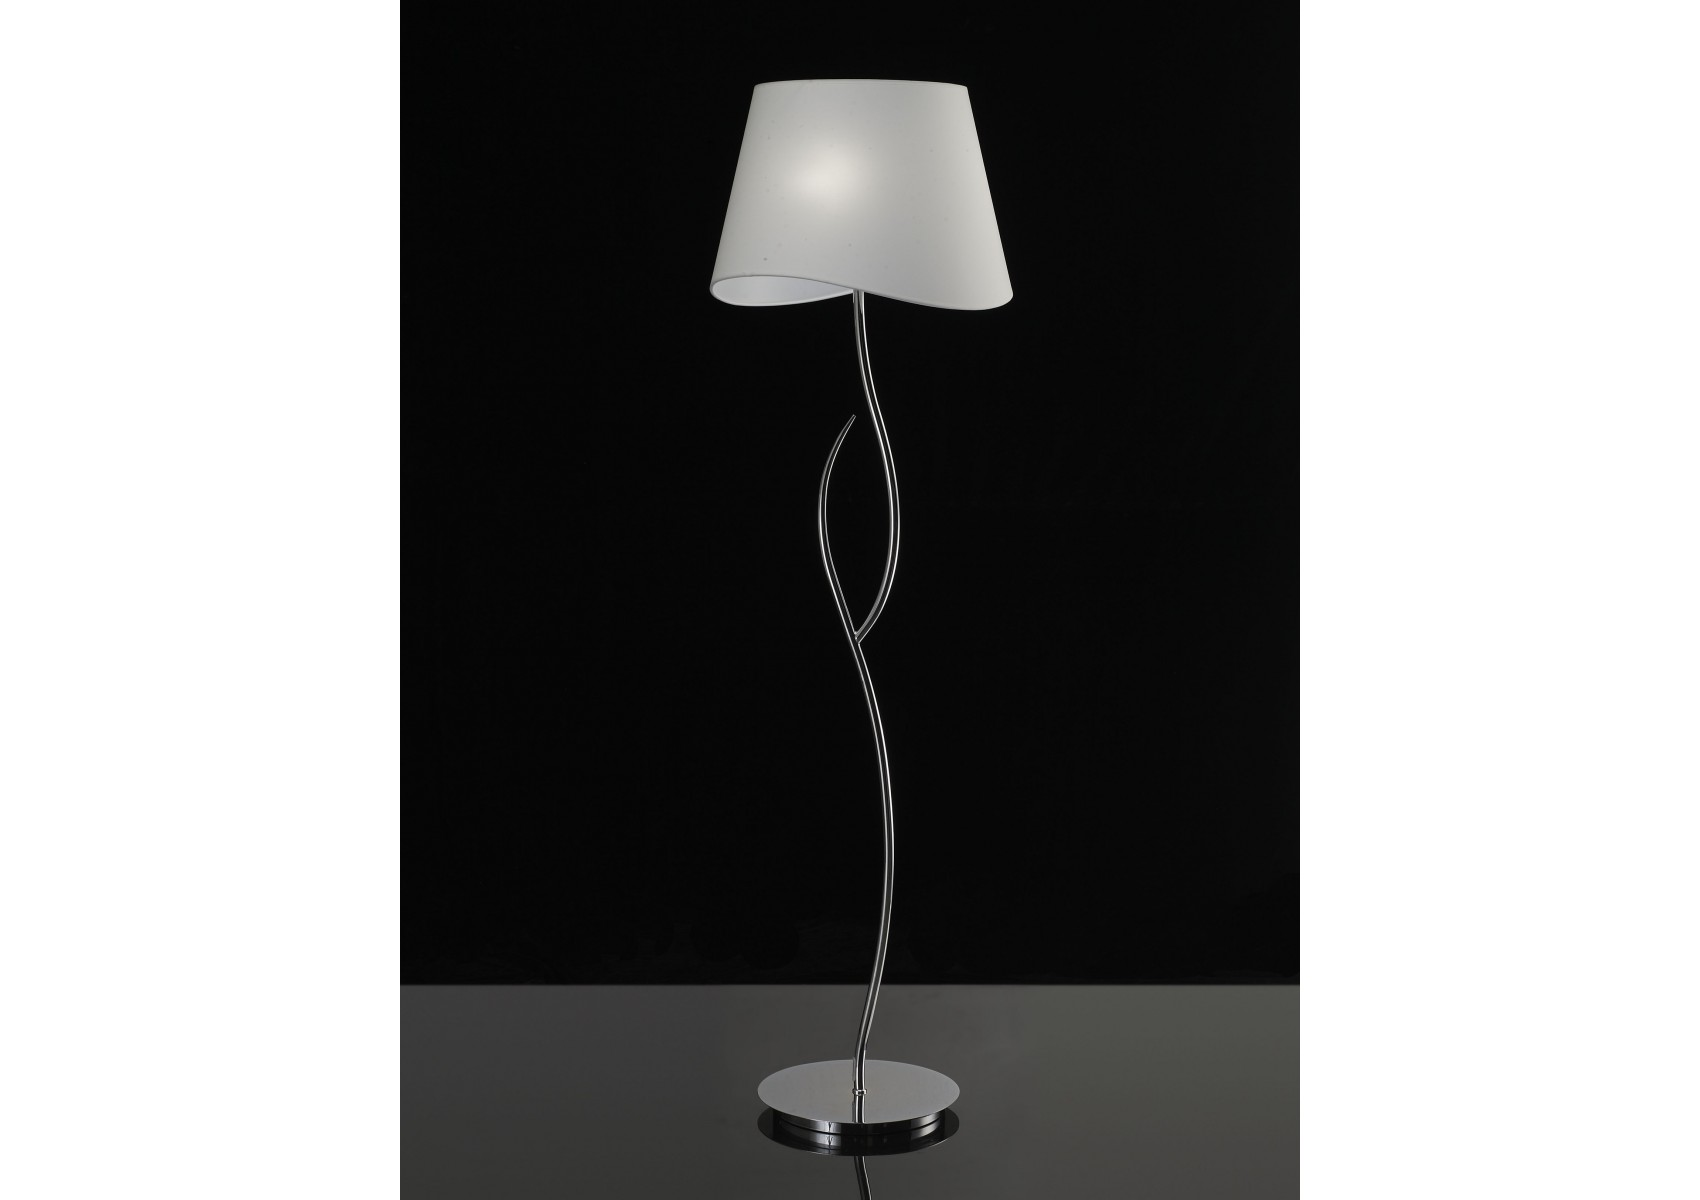 lampadaire design de la collection ninette de chez mantra. Black Bedroom Furniture Sets. Home Design Ideas